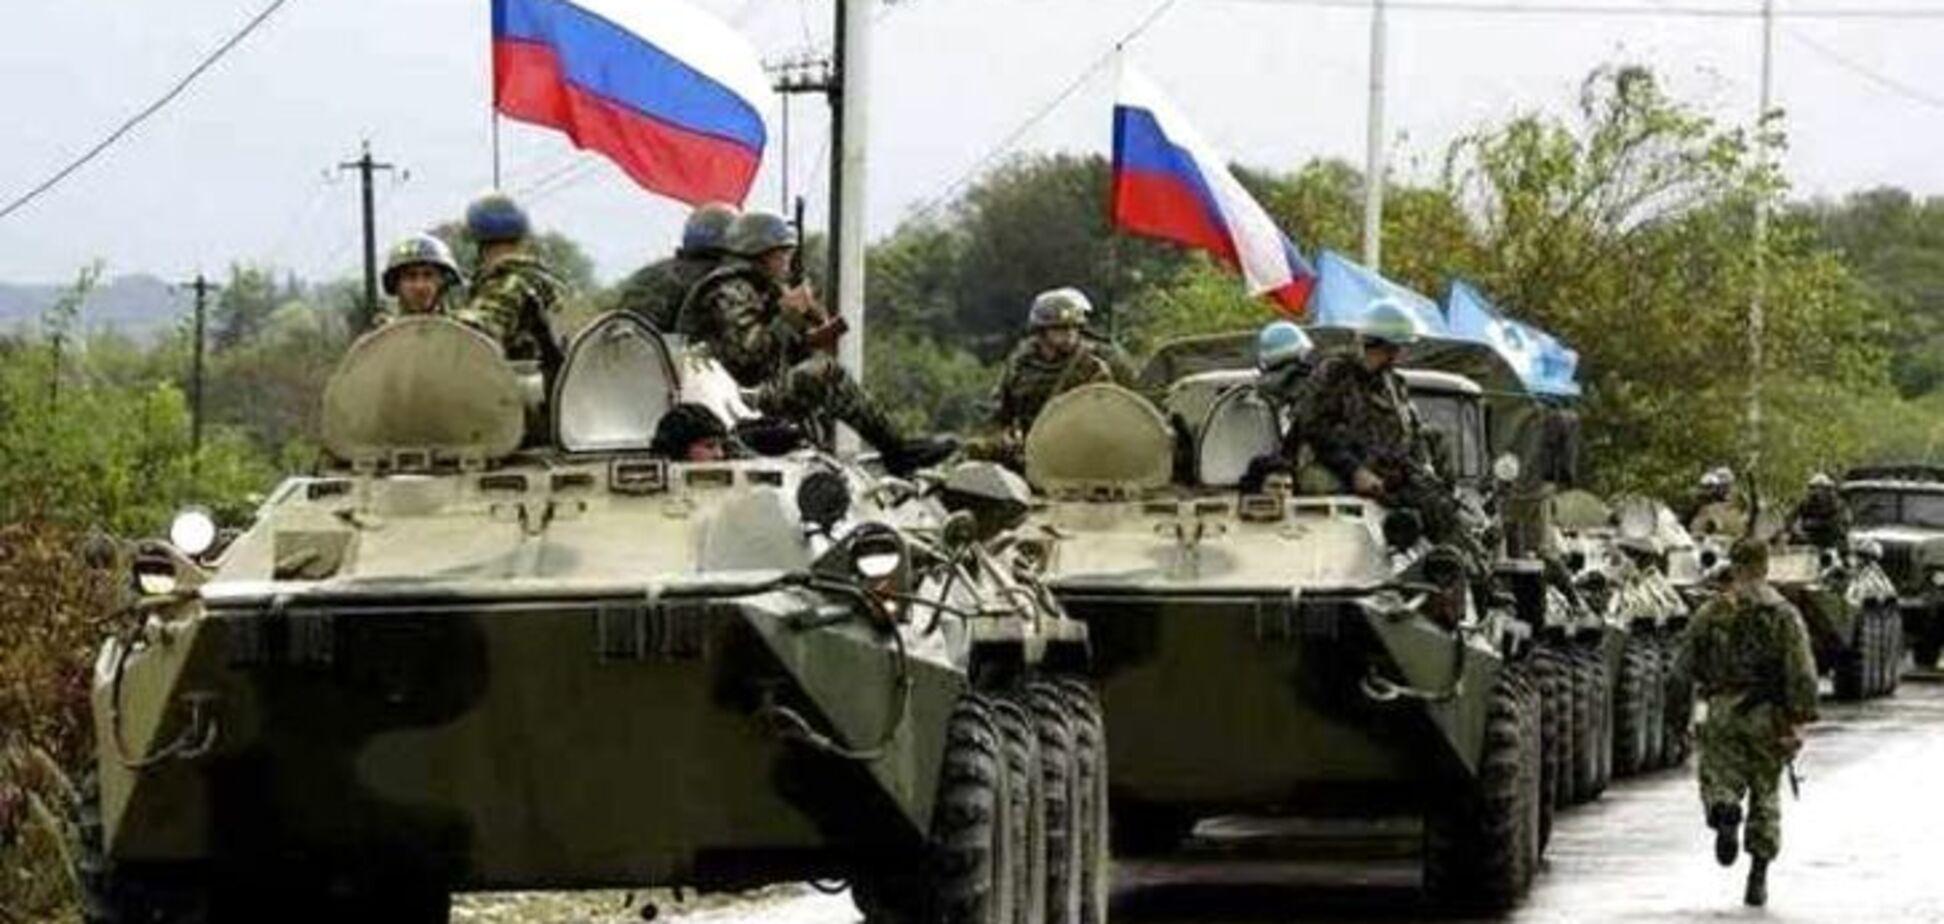 ''Відправляють на Донбас'': США зібрали докази війни Росії проти України